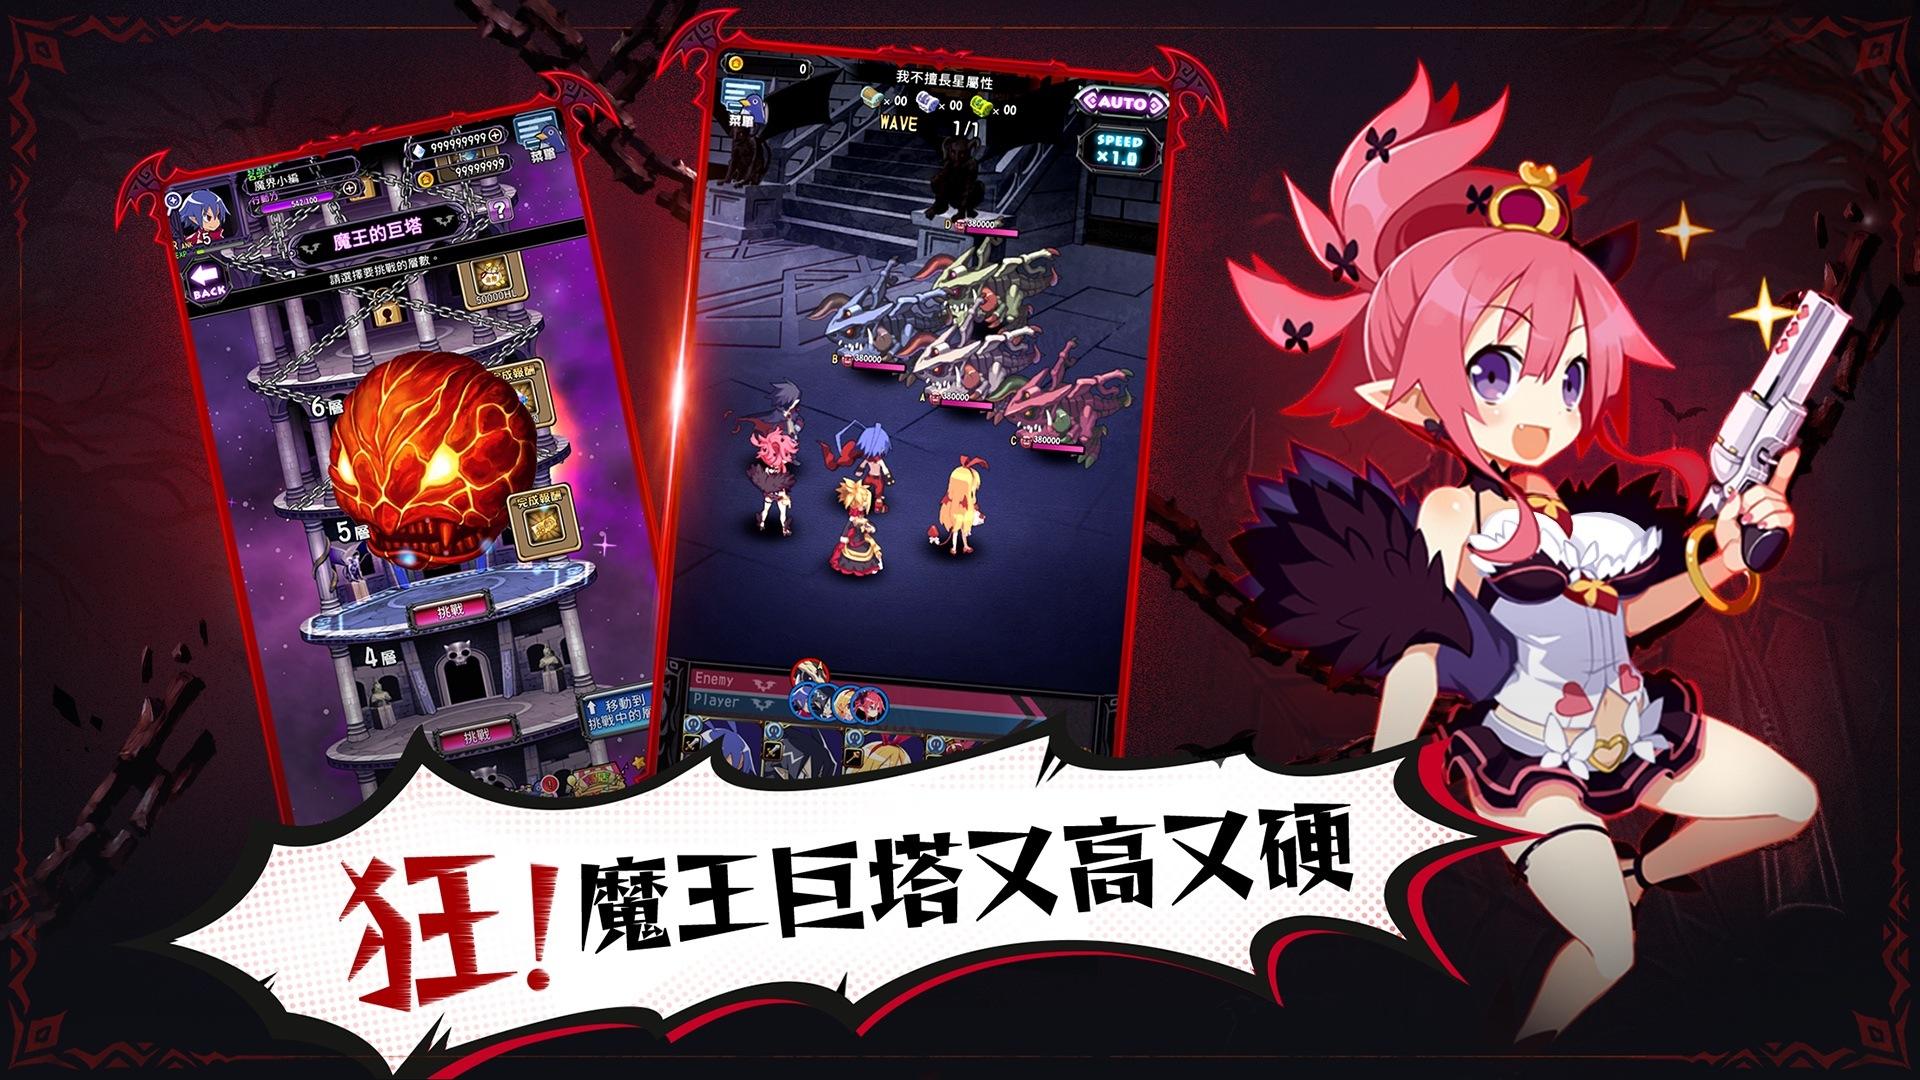 最兇日系RPG《魔界戰記 DISGAEA RPG》 獨特故事即將登場!